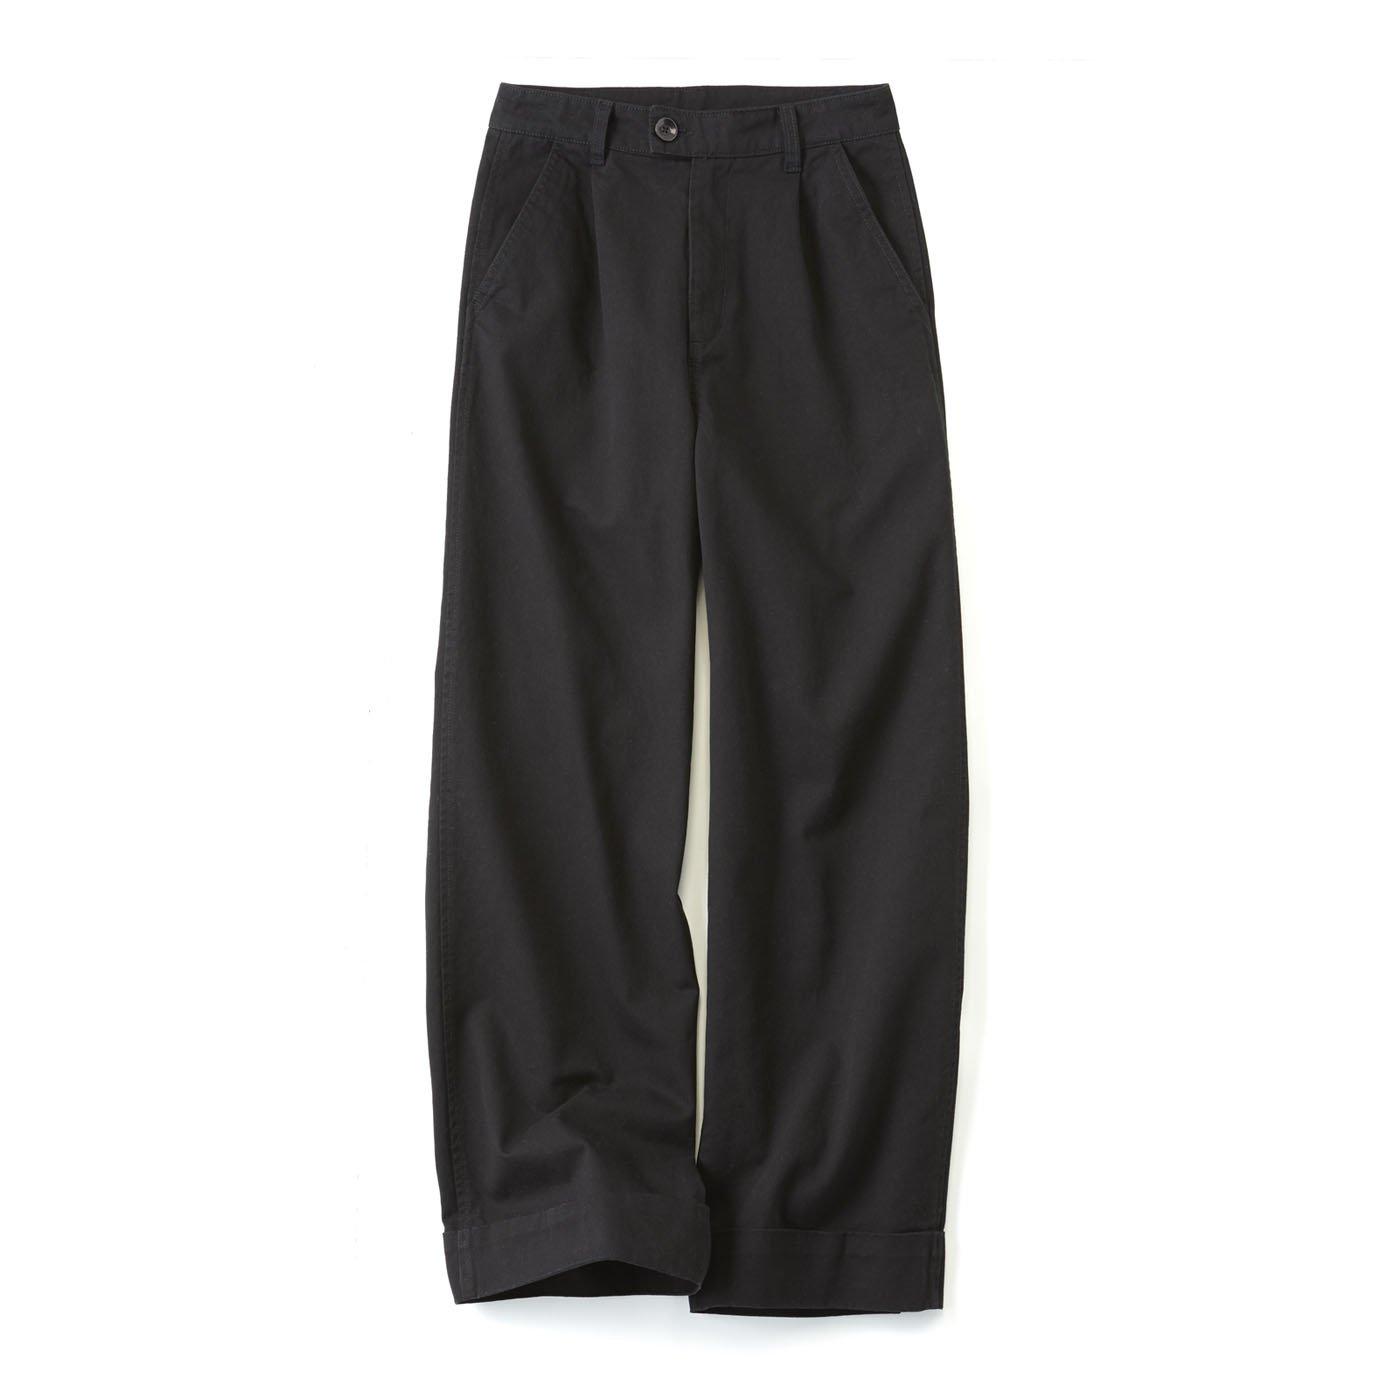 リブ イン コンフォート しっかり素材で脚のラインを カモフラージュ コットンワイドパンツ〈ブラック〉